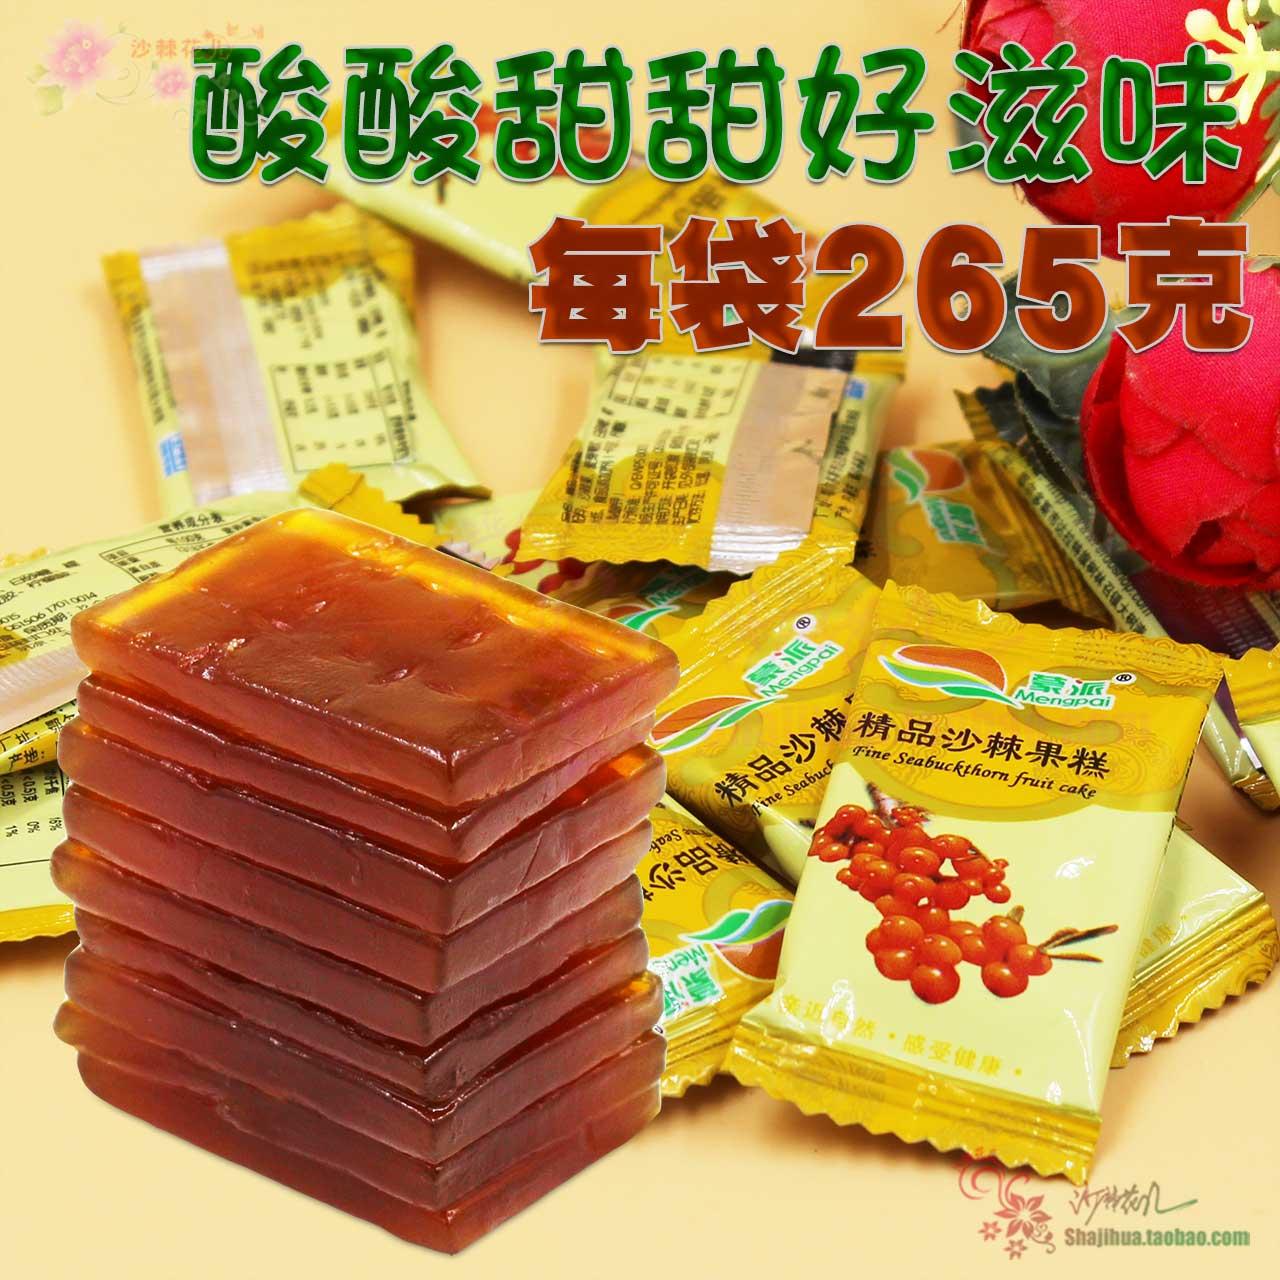 Внутренней монголии специальный свойство нулю еда монгольский пирог песок позвоночник фрукты торт 265 грамм индивидуальная упаковка кислота сладкий вкусный отдавать молоко статья